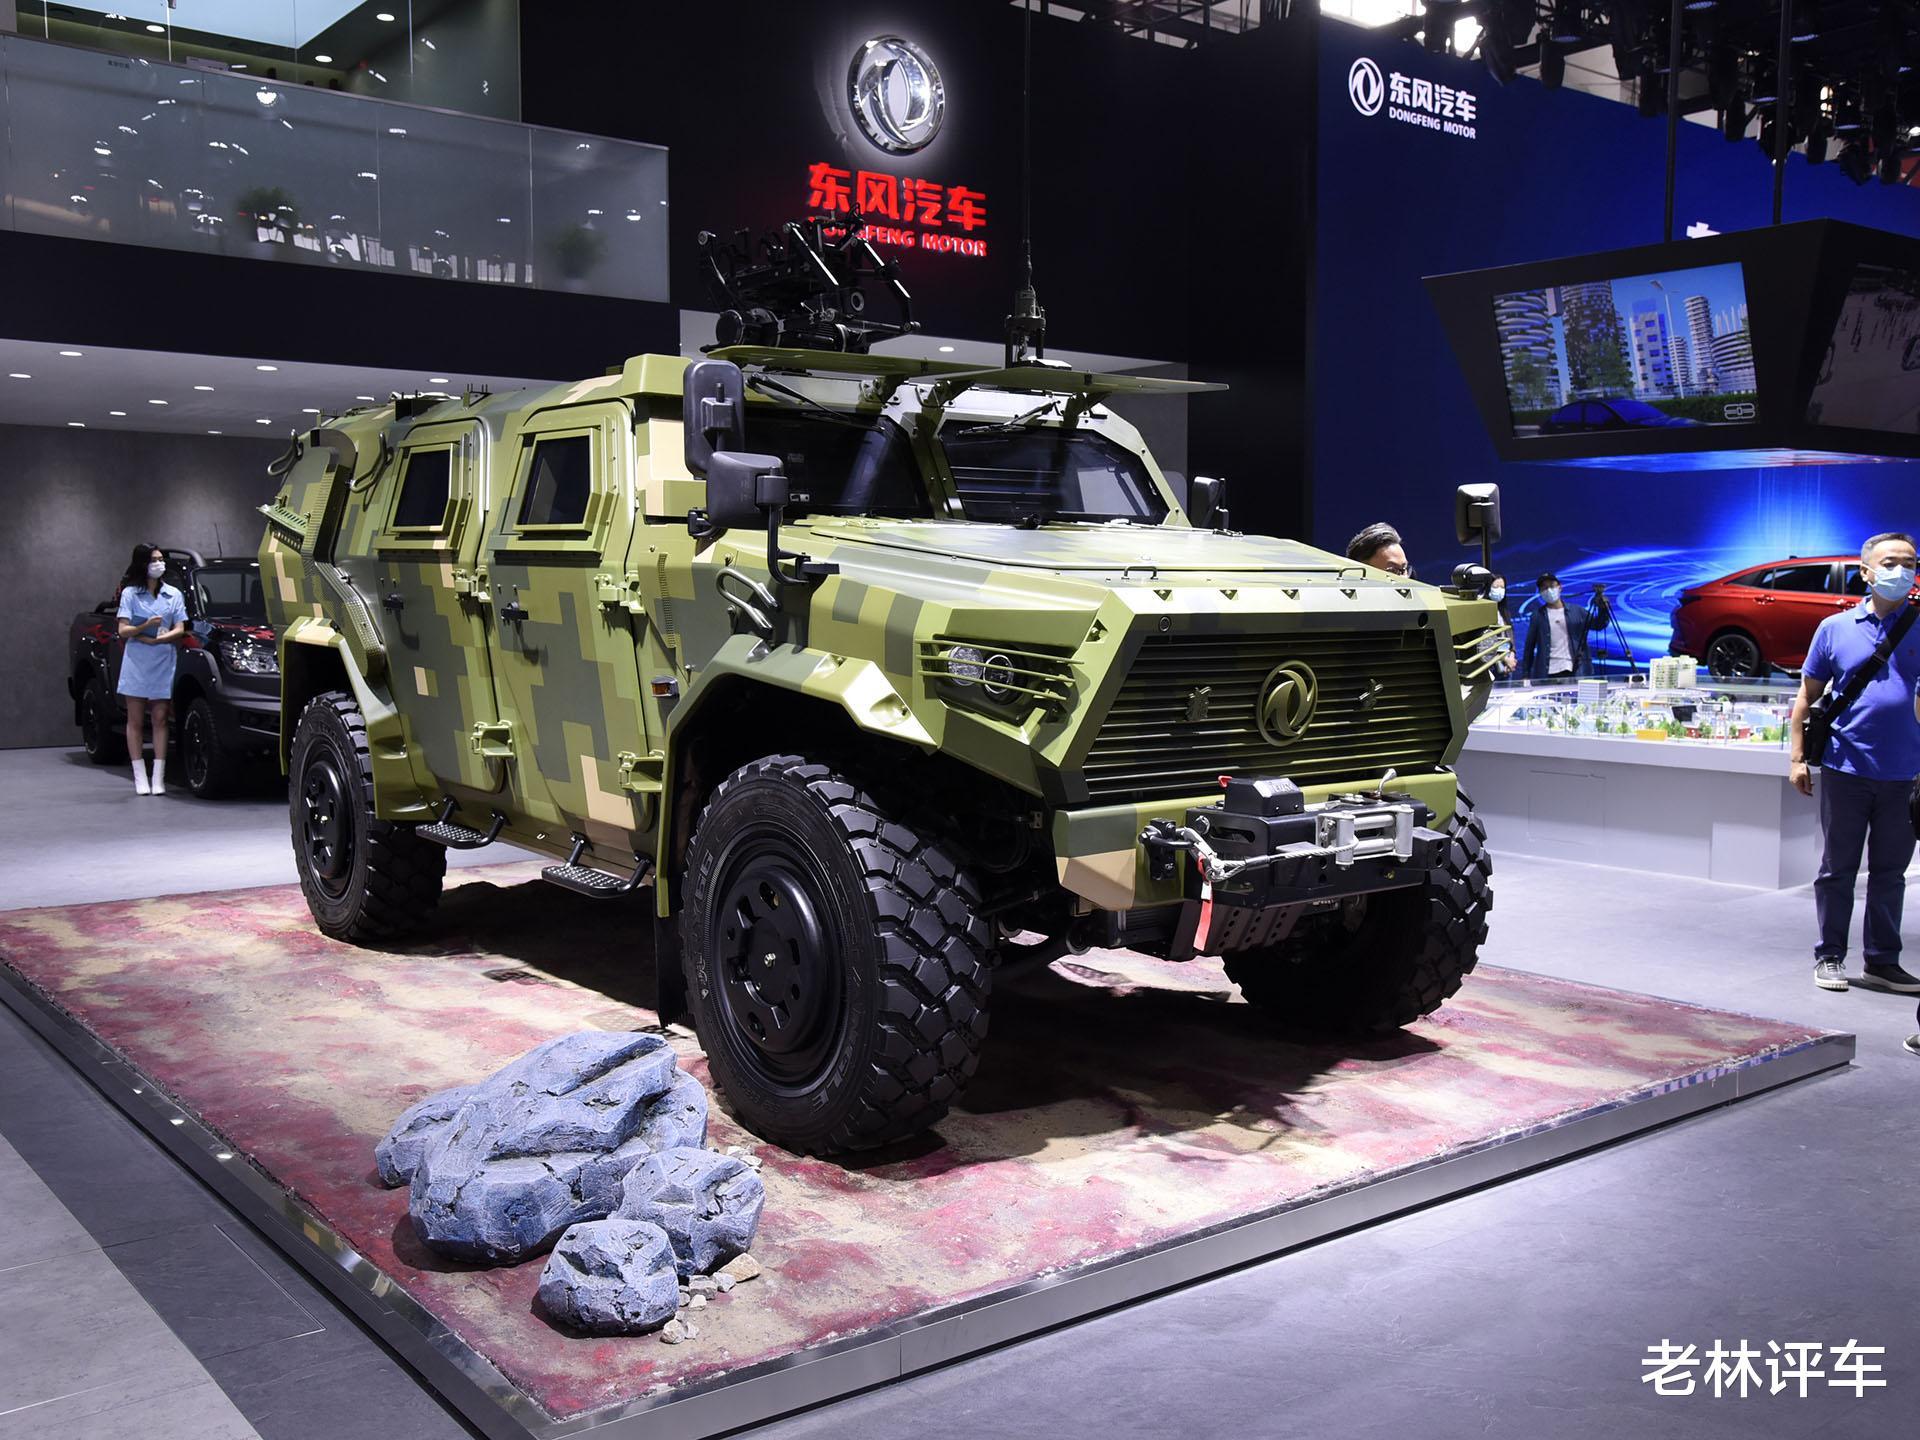 為瞭引起關註,東風直接把一輛4噸的軍用猛士擺上瞭北京車展展臺-圖2